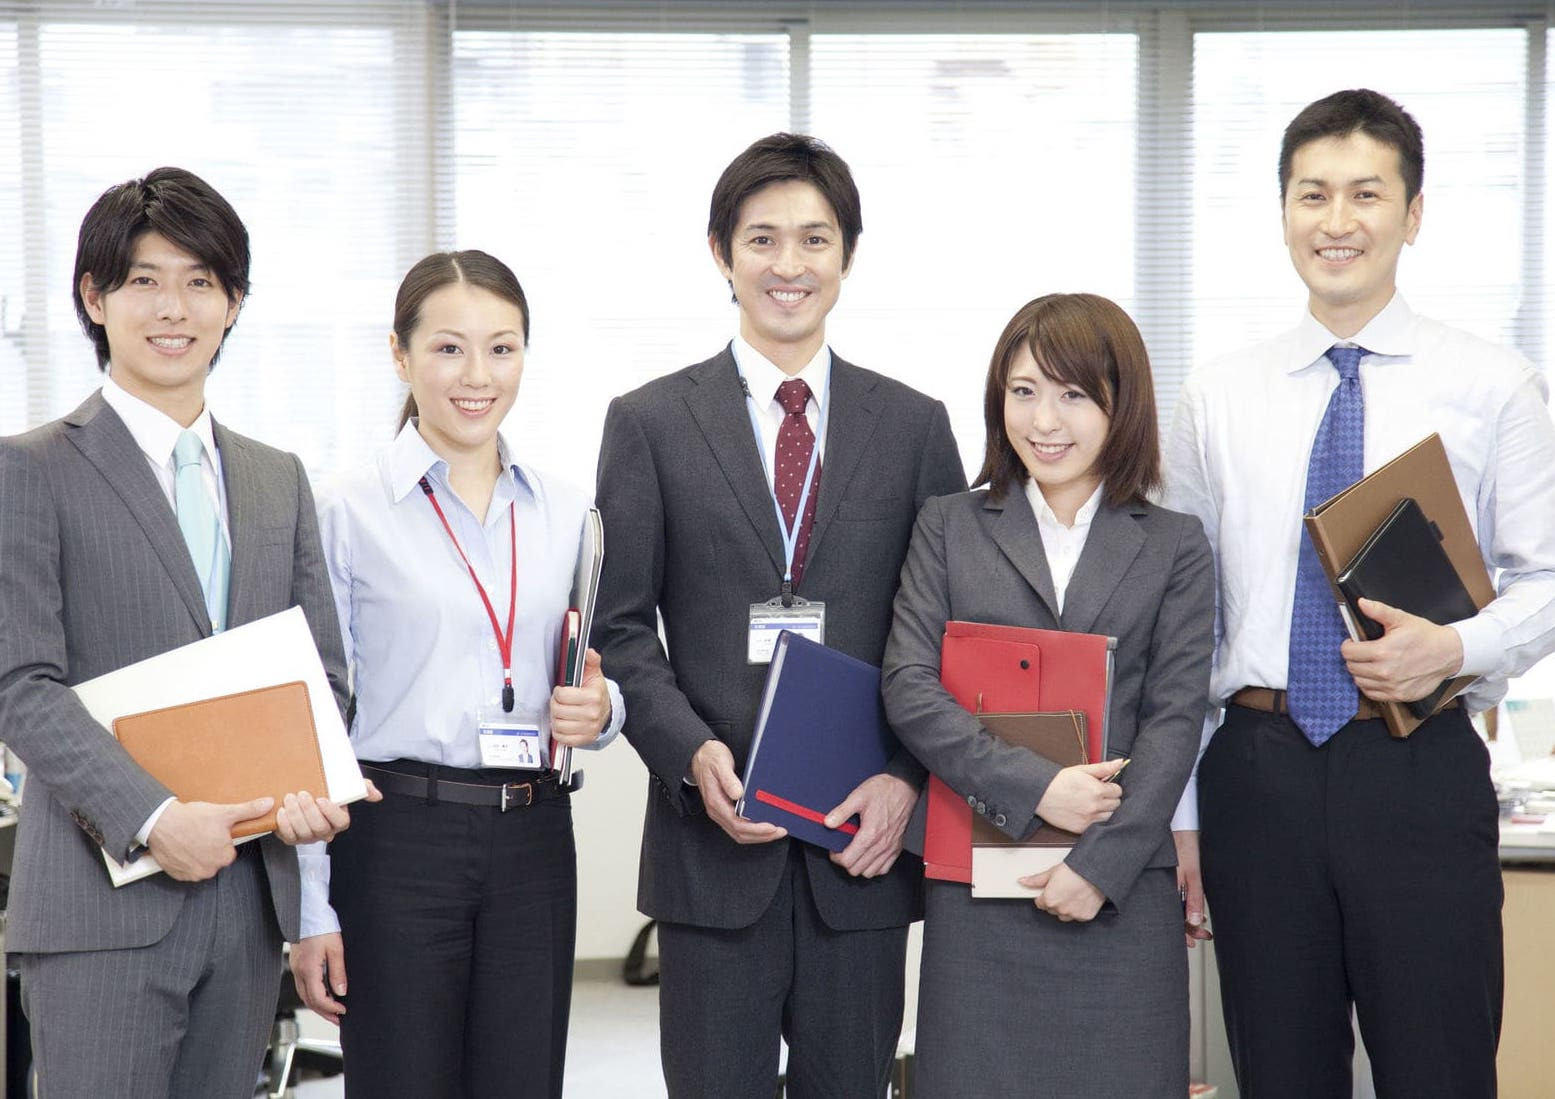 社労士の企業データ名簿の販売・購入